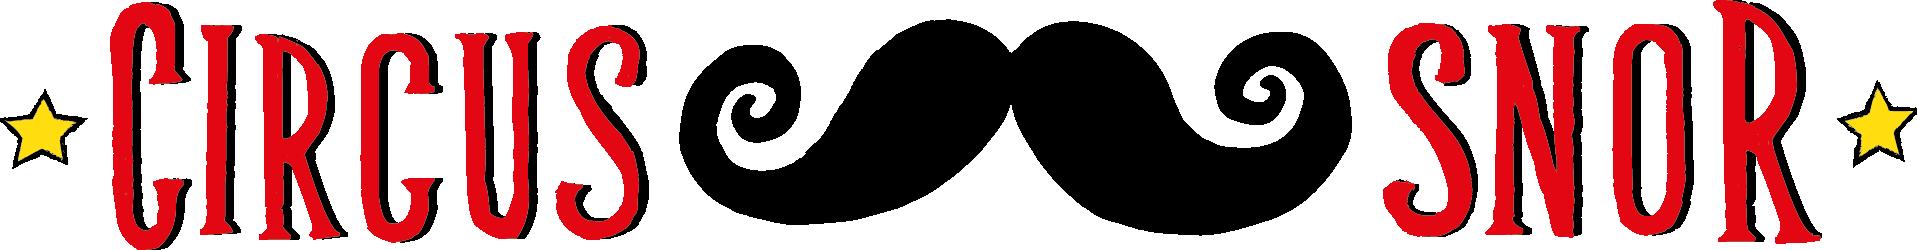 circus_snor_logo_kleur